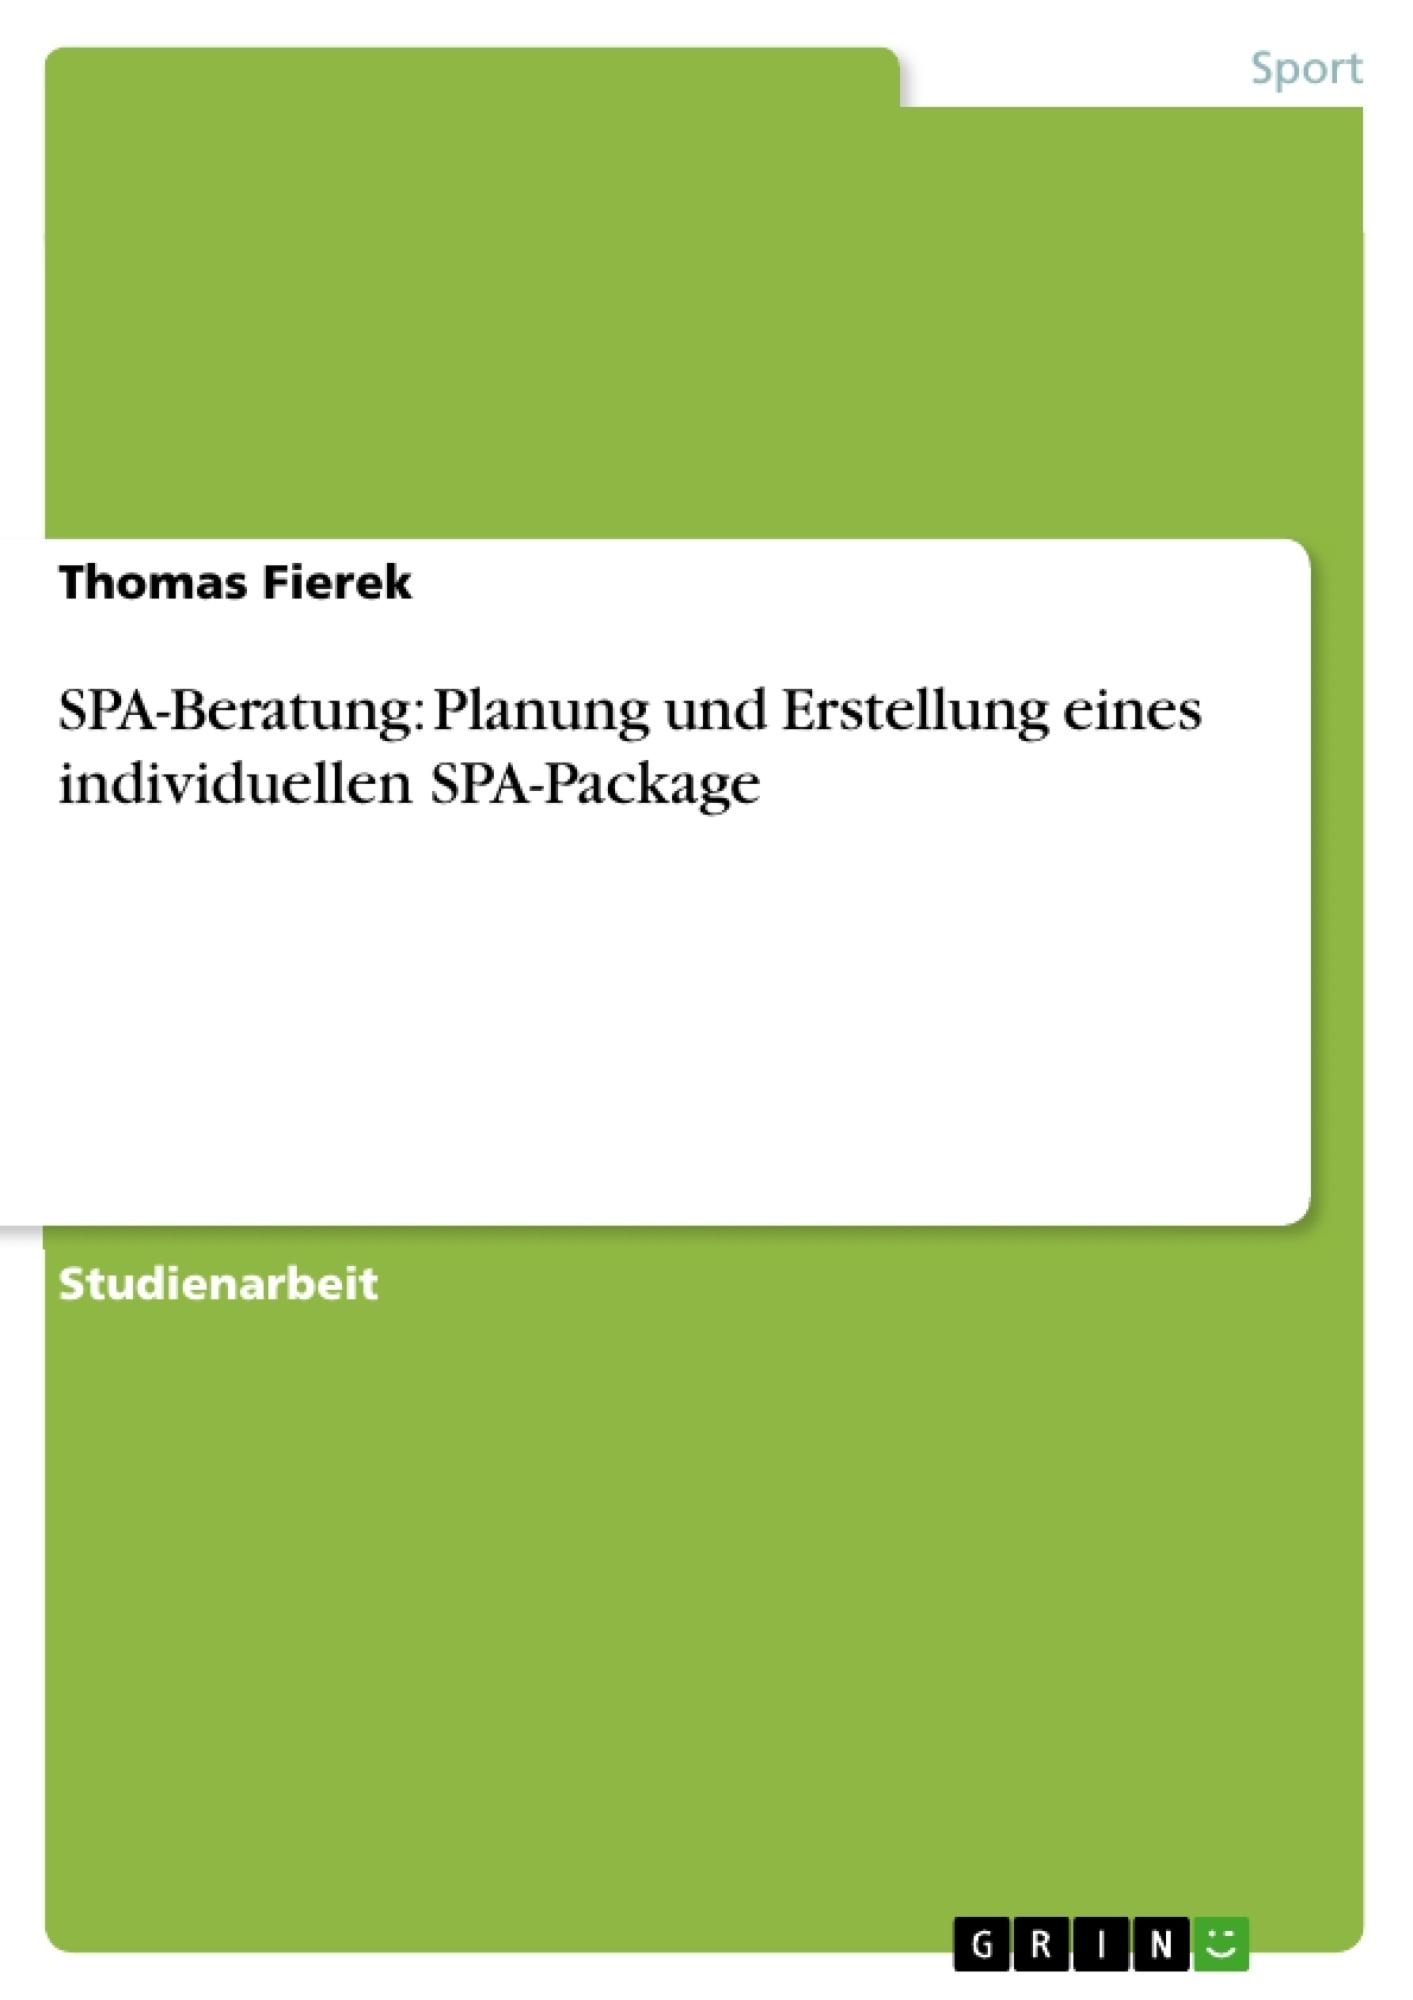 Titel: SPA-Beratung: Planung und Erstellung eines individuellen SPA-Package